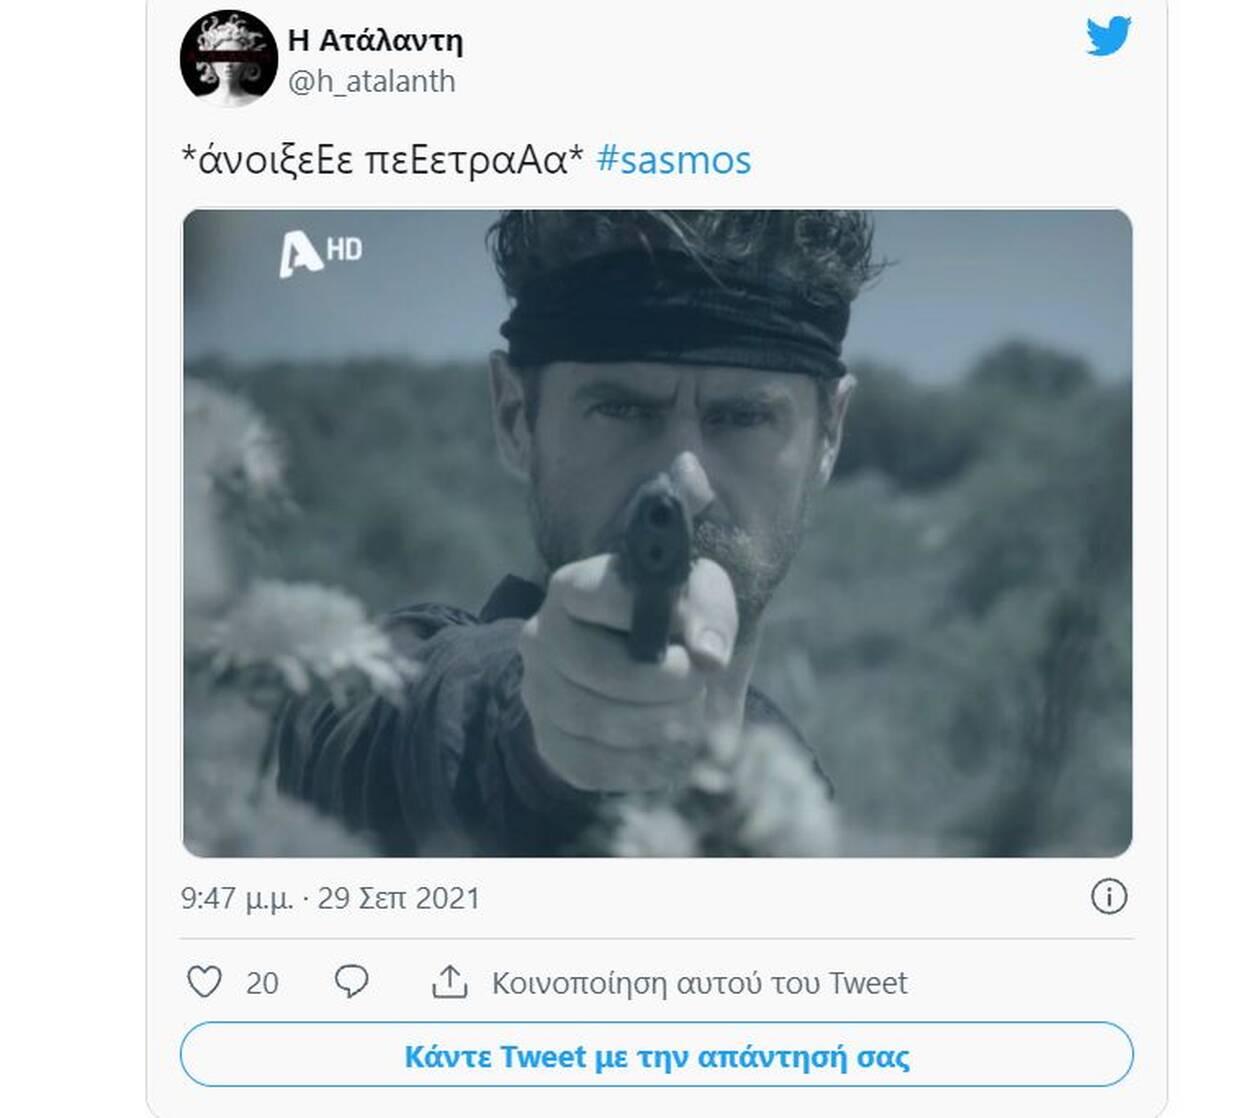 Σασμός: Αυτός είναι ο δολοφόνος του Στεφανή - Μήπως τελικά δεν είναι αλήθεια;